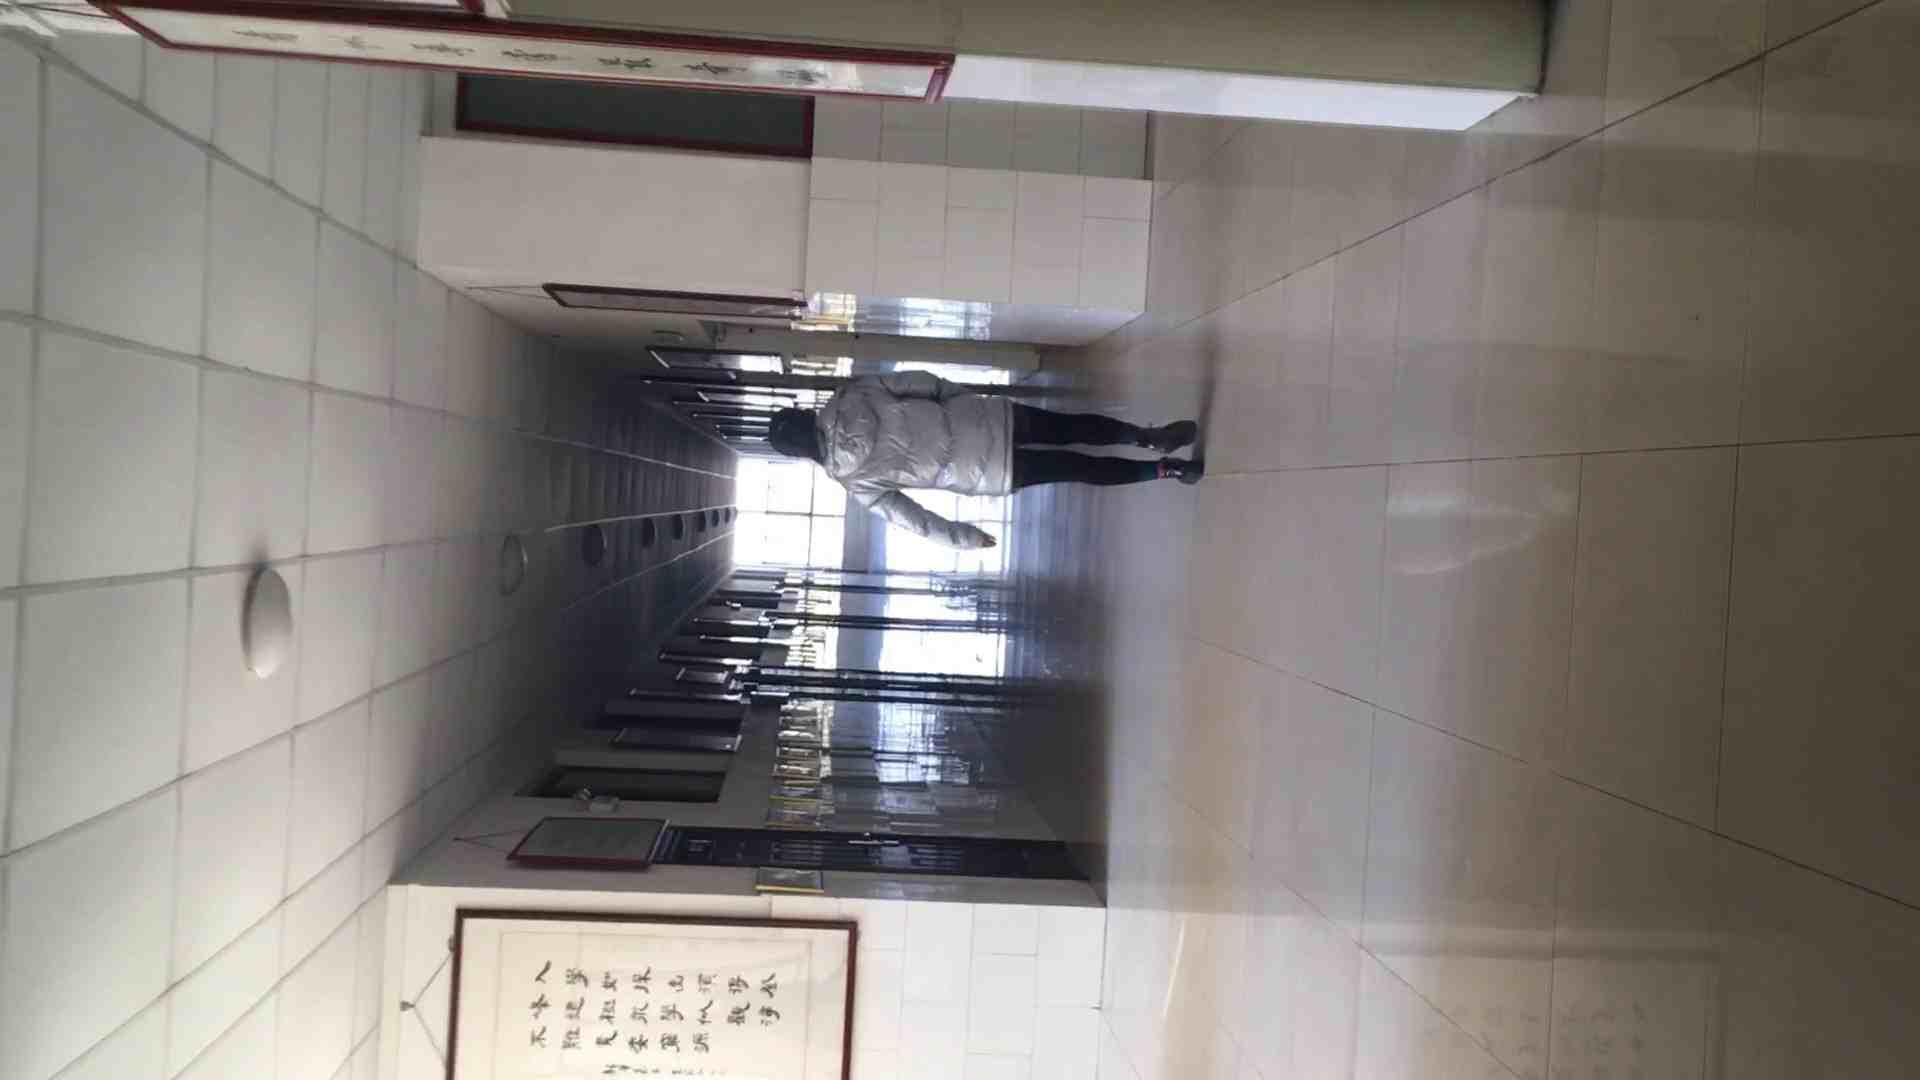 芸術大学ガチ潜入盗撮 JD盗撮 美女の洗面所の秘密 Vol.82 盗撮  83PIX 18